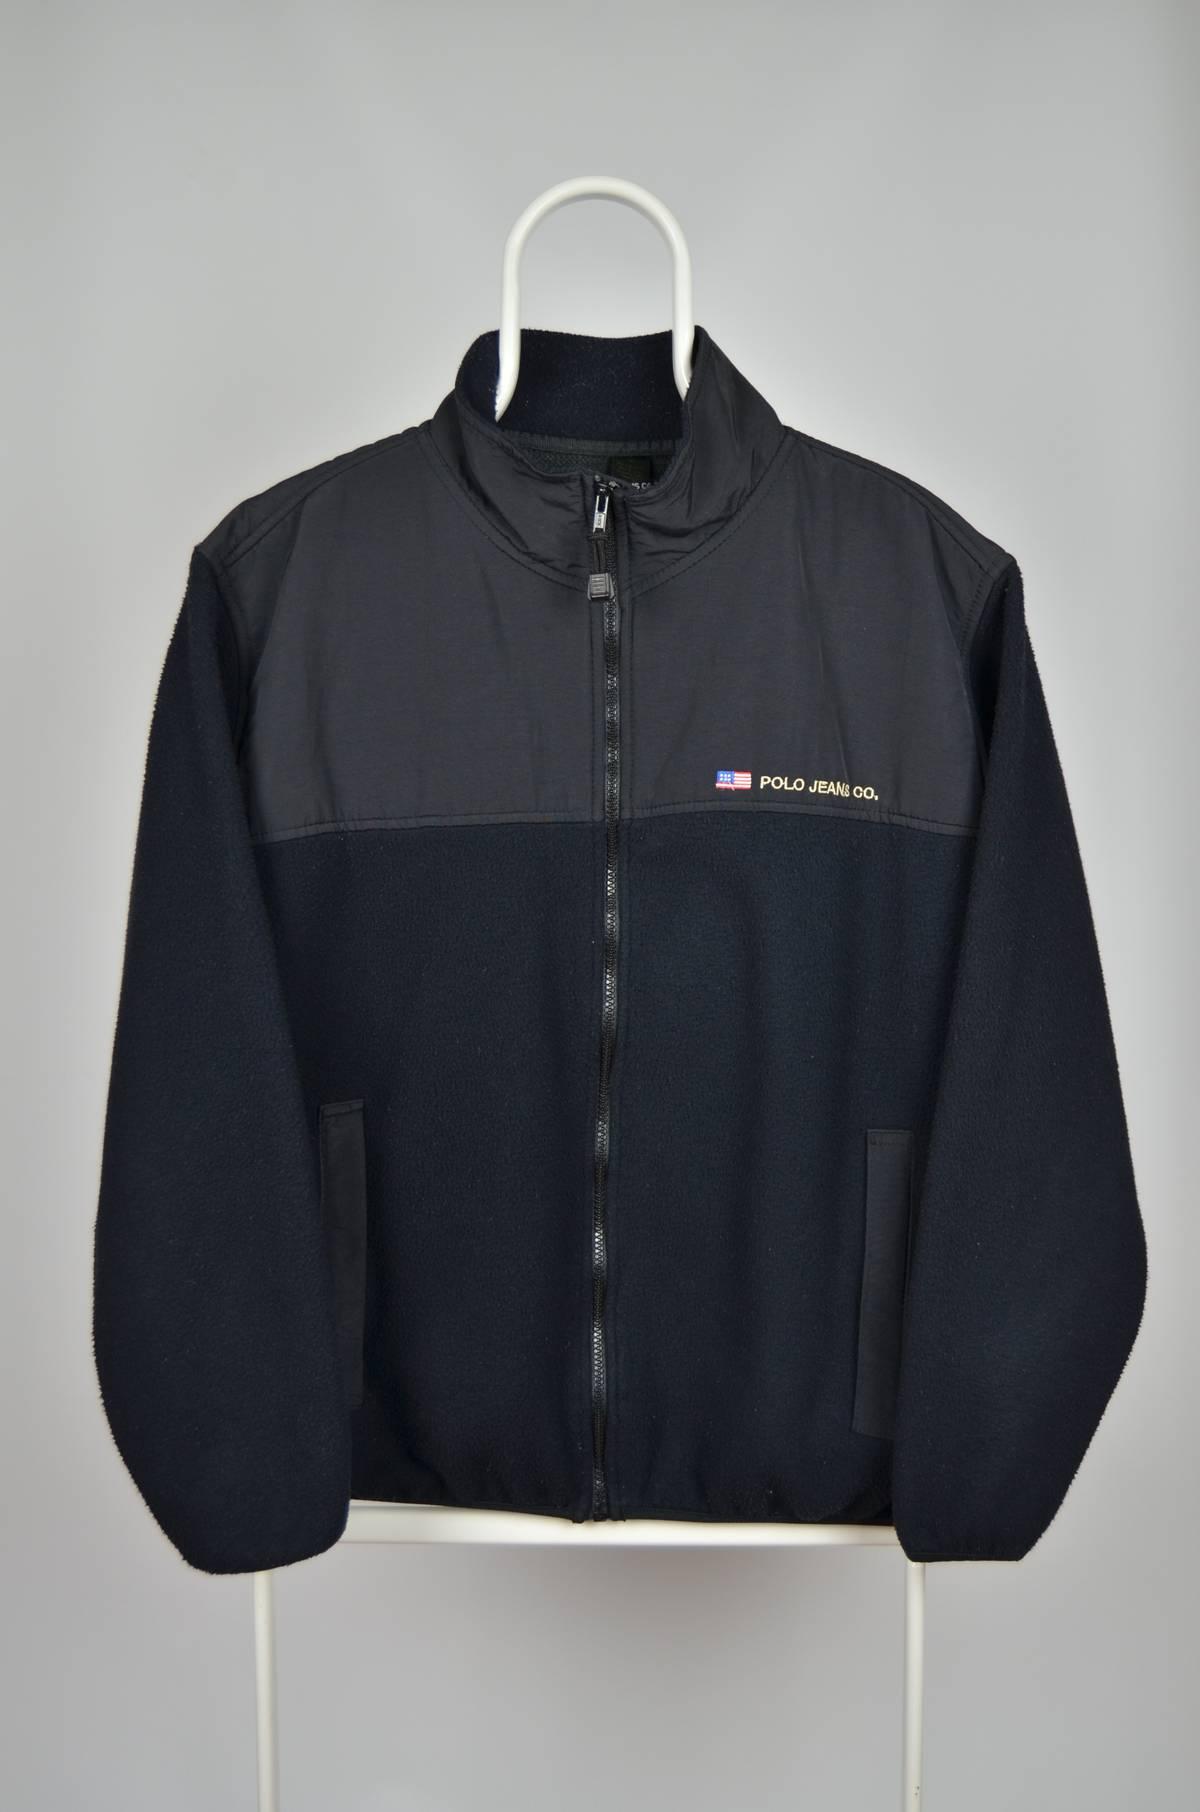 e5409fd2f Polo Ralph Lauren × Ralph Lauren (Lrl) Lauren Jeans Co. × Vintage Polo Jean  Co Ralph Lauren Polo Sport Vintage Retro 80s 90s Black Fleece Full Zip ...